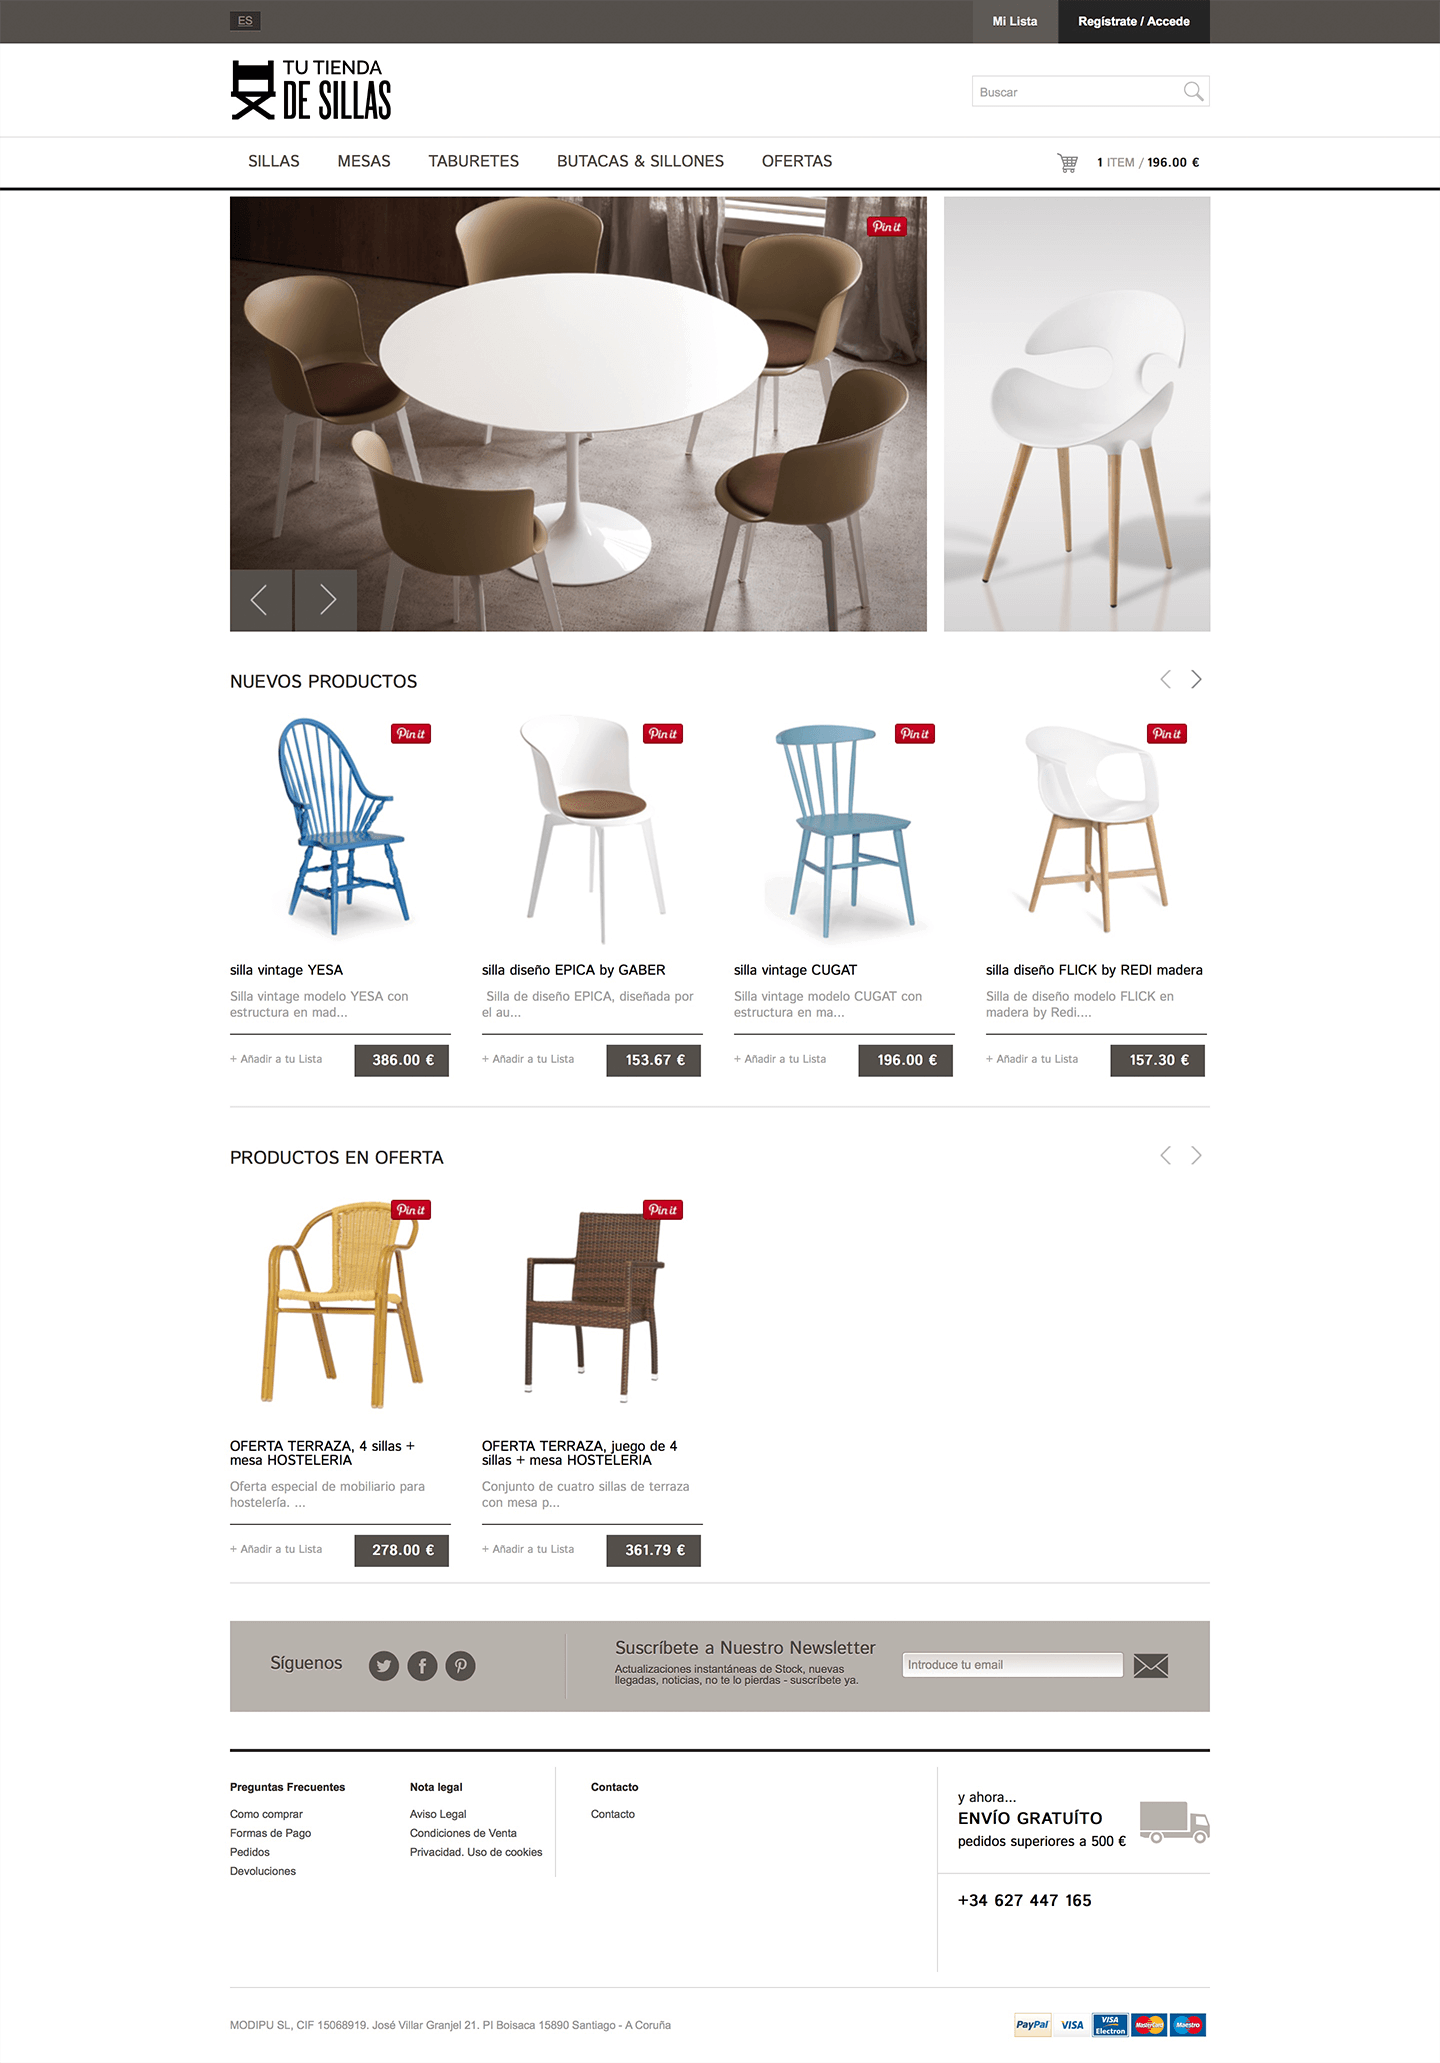 Tu tienda de sillas shop online : 1